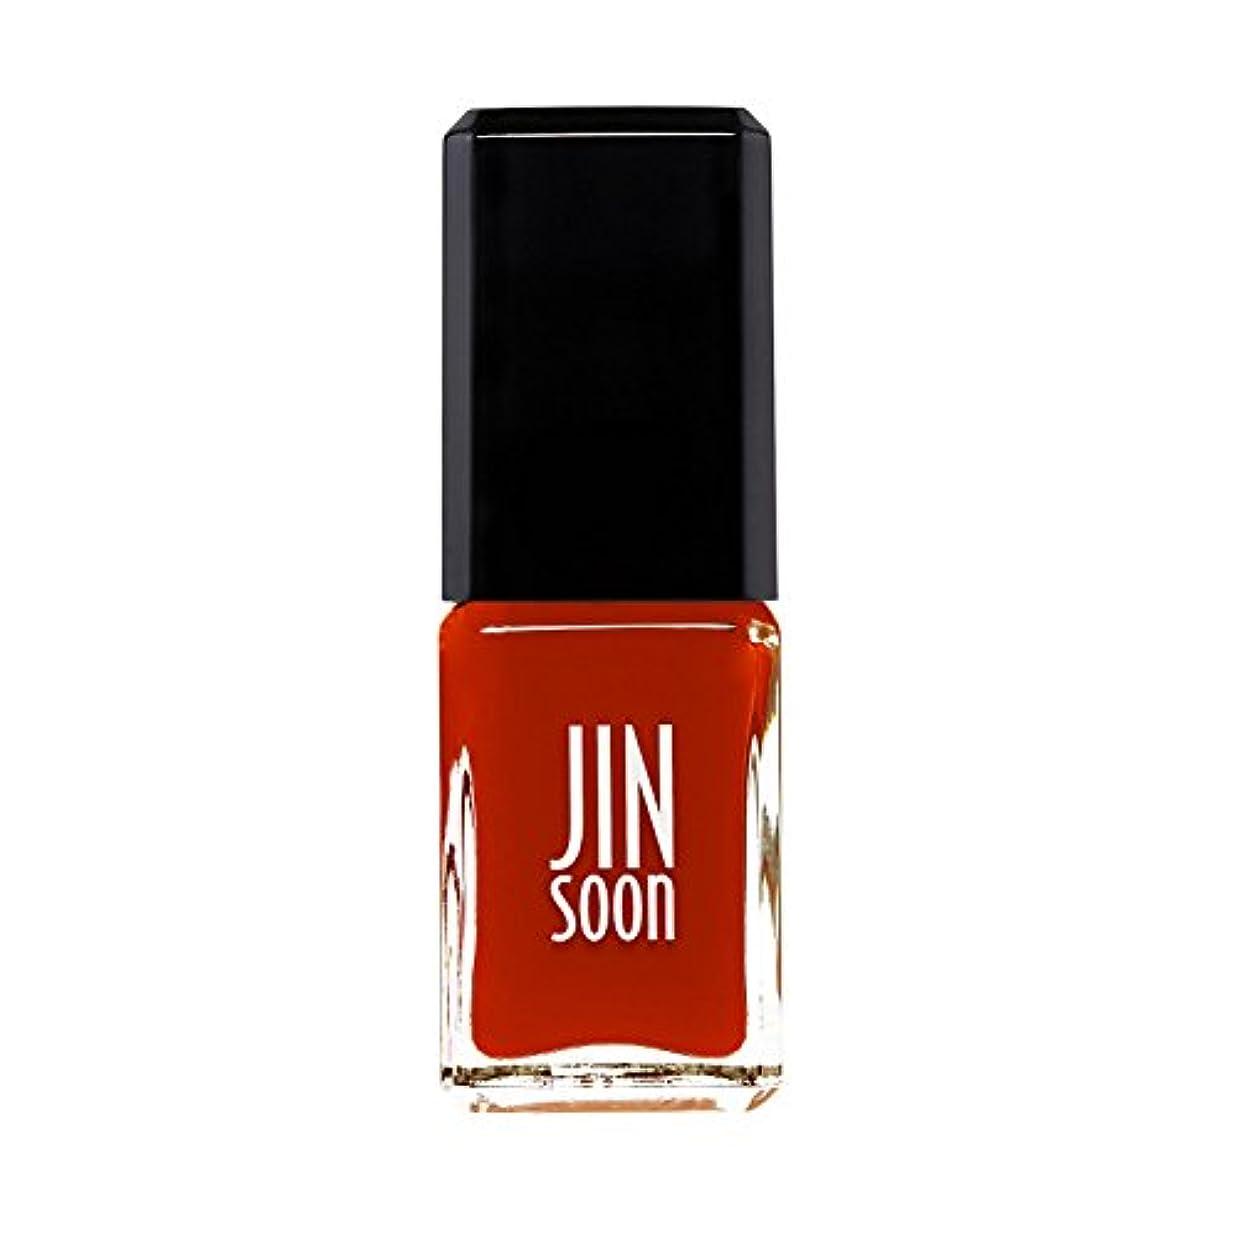 現代座る温かい[ジンスーン] [ jinsoon] クラッシュ(シアーオレンジ) CRUSH ジンスーン 5フリー ネイル ポリッシュ ネイルカラー系統:オレンジ 11mL